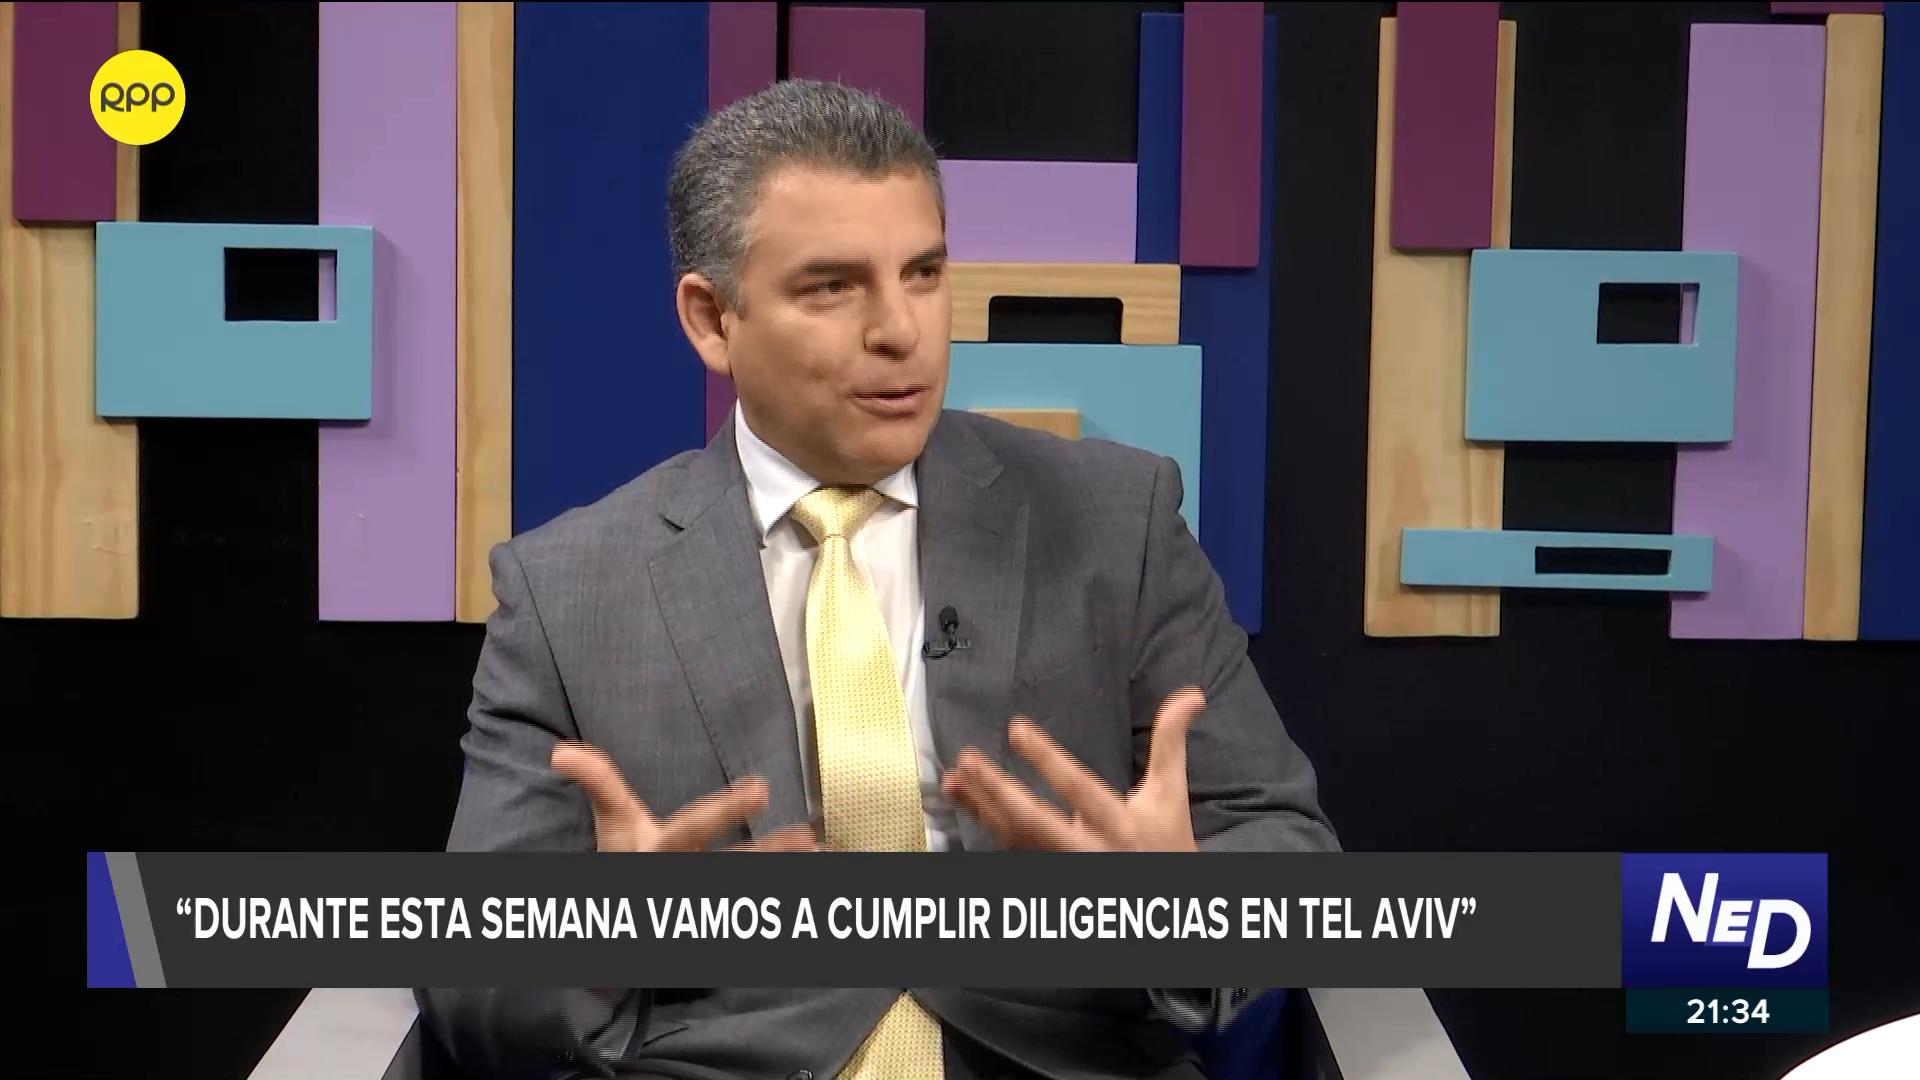 El fiscal Vela comentó que pasarán a la acusación en el caso Ecoteva.